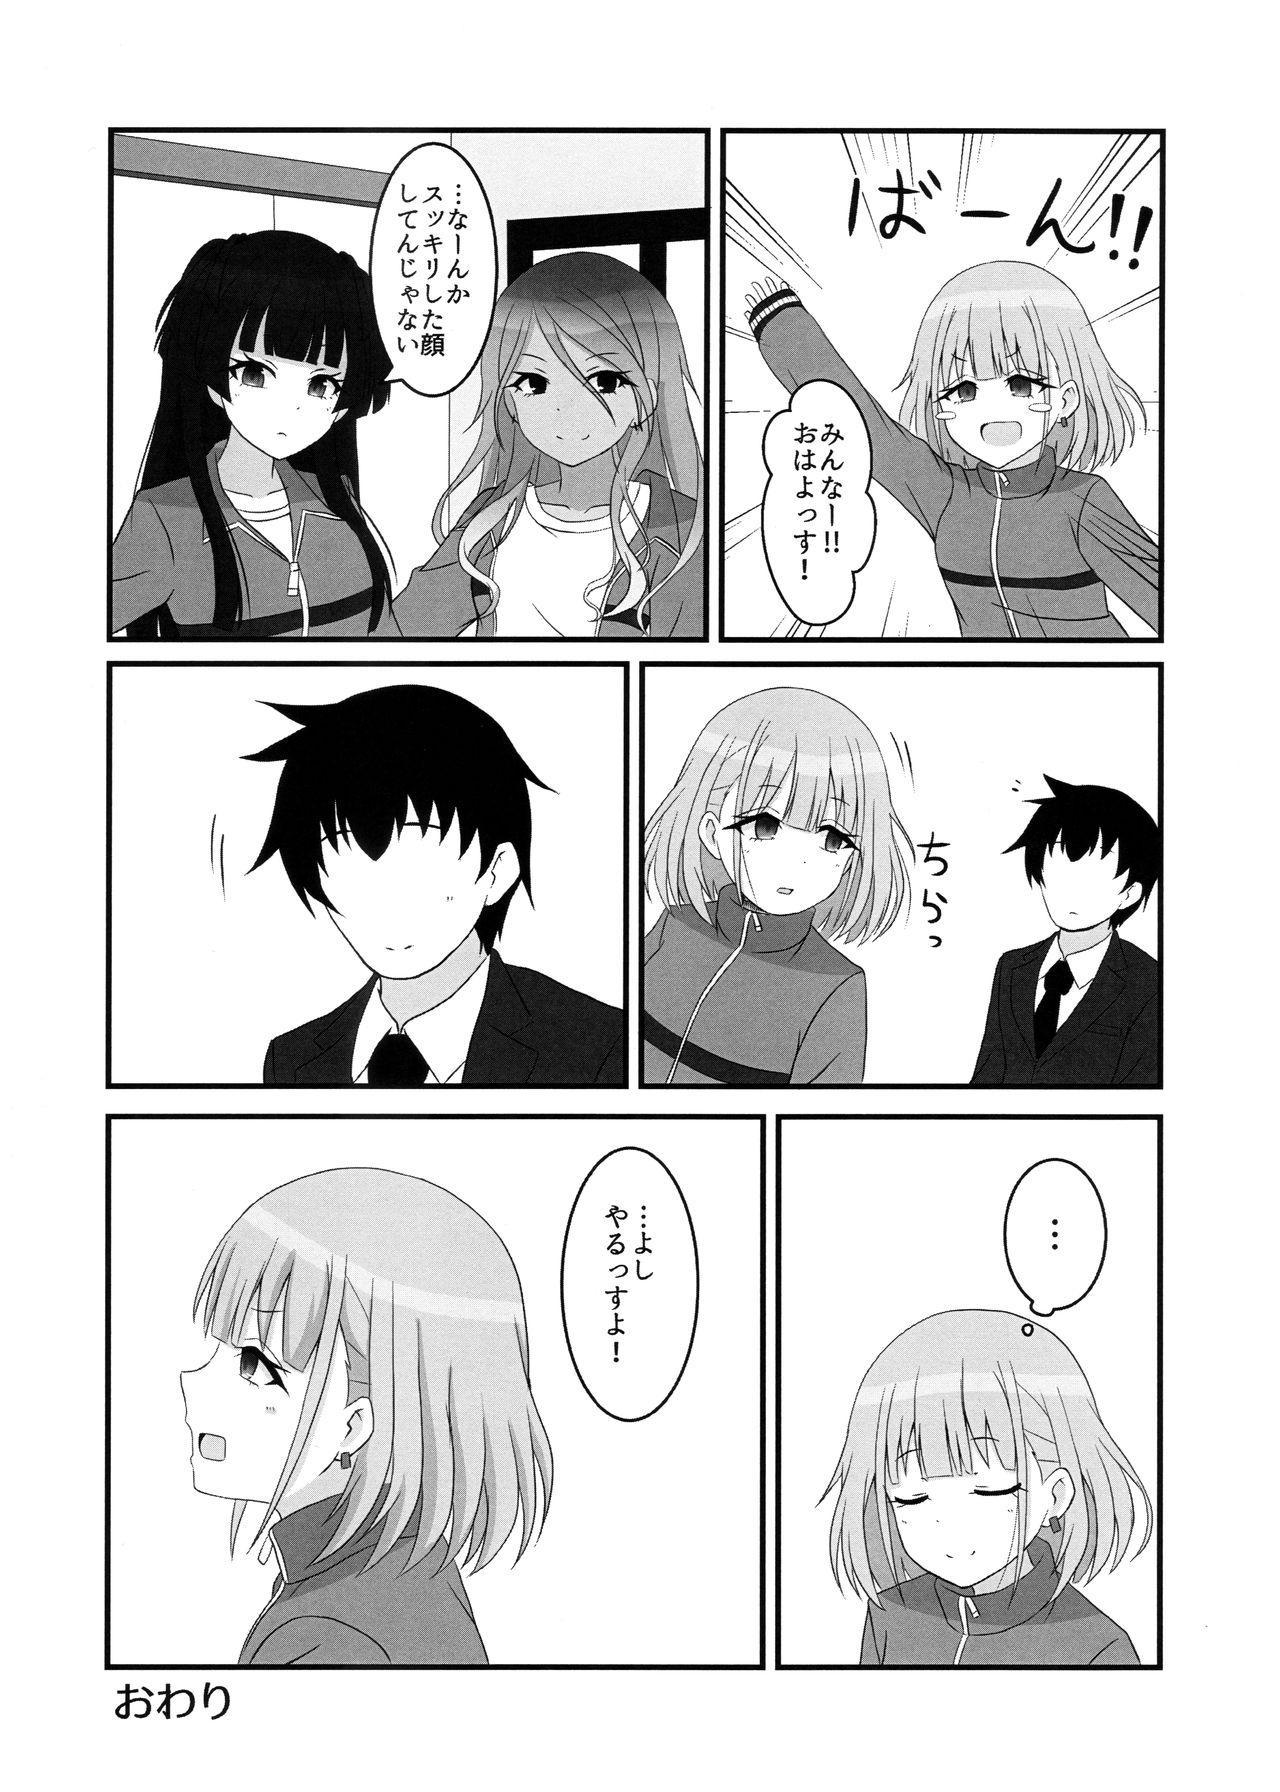 Asahi ga mata noboru 17